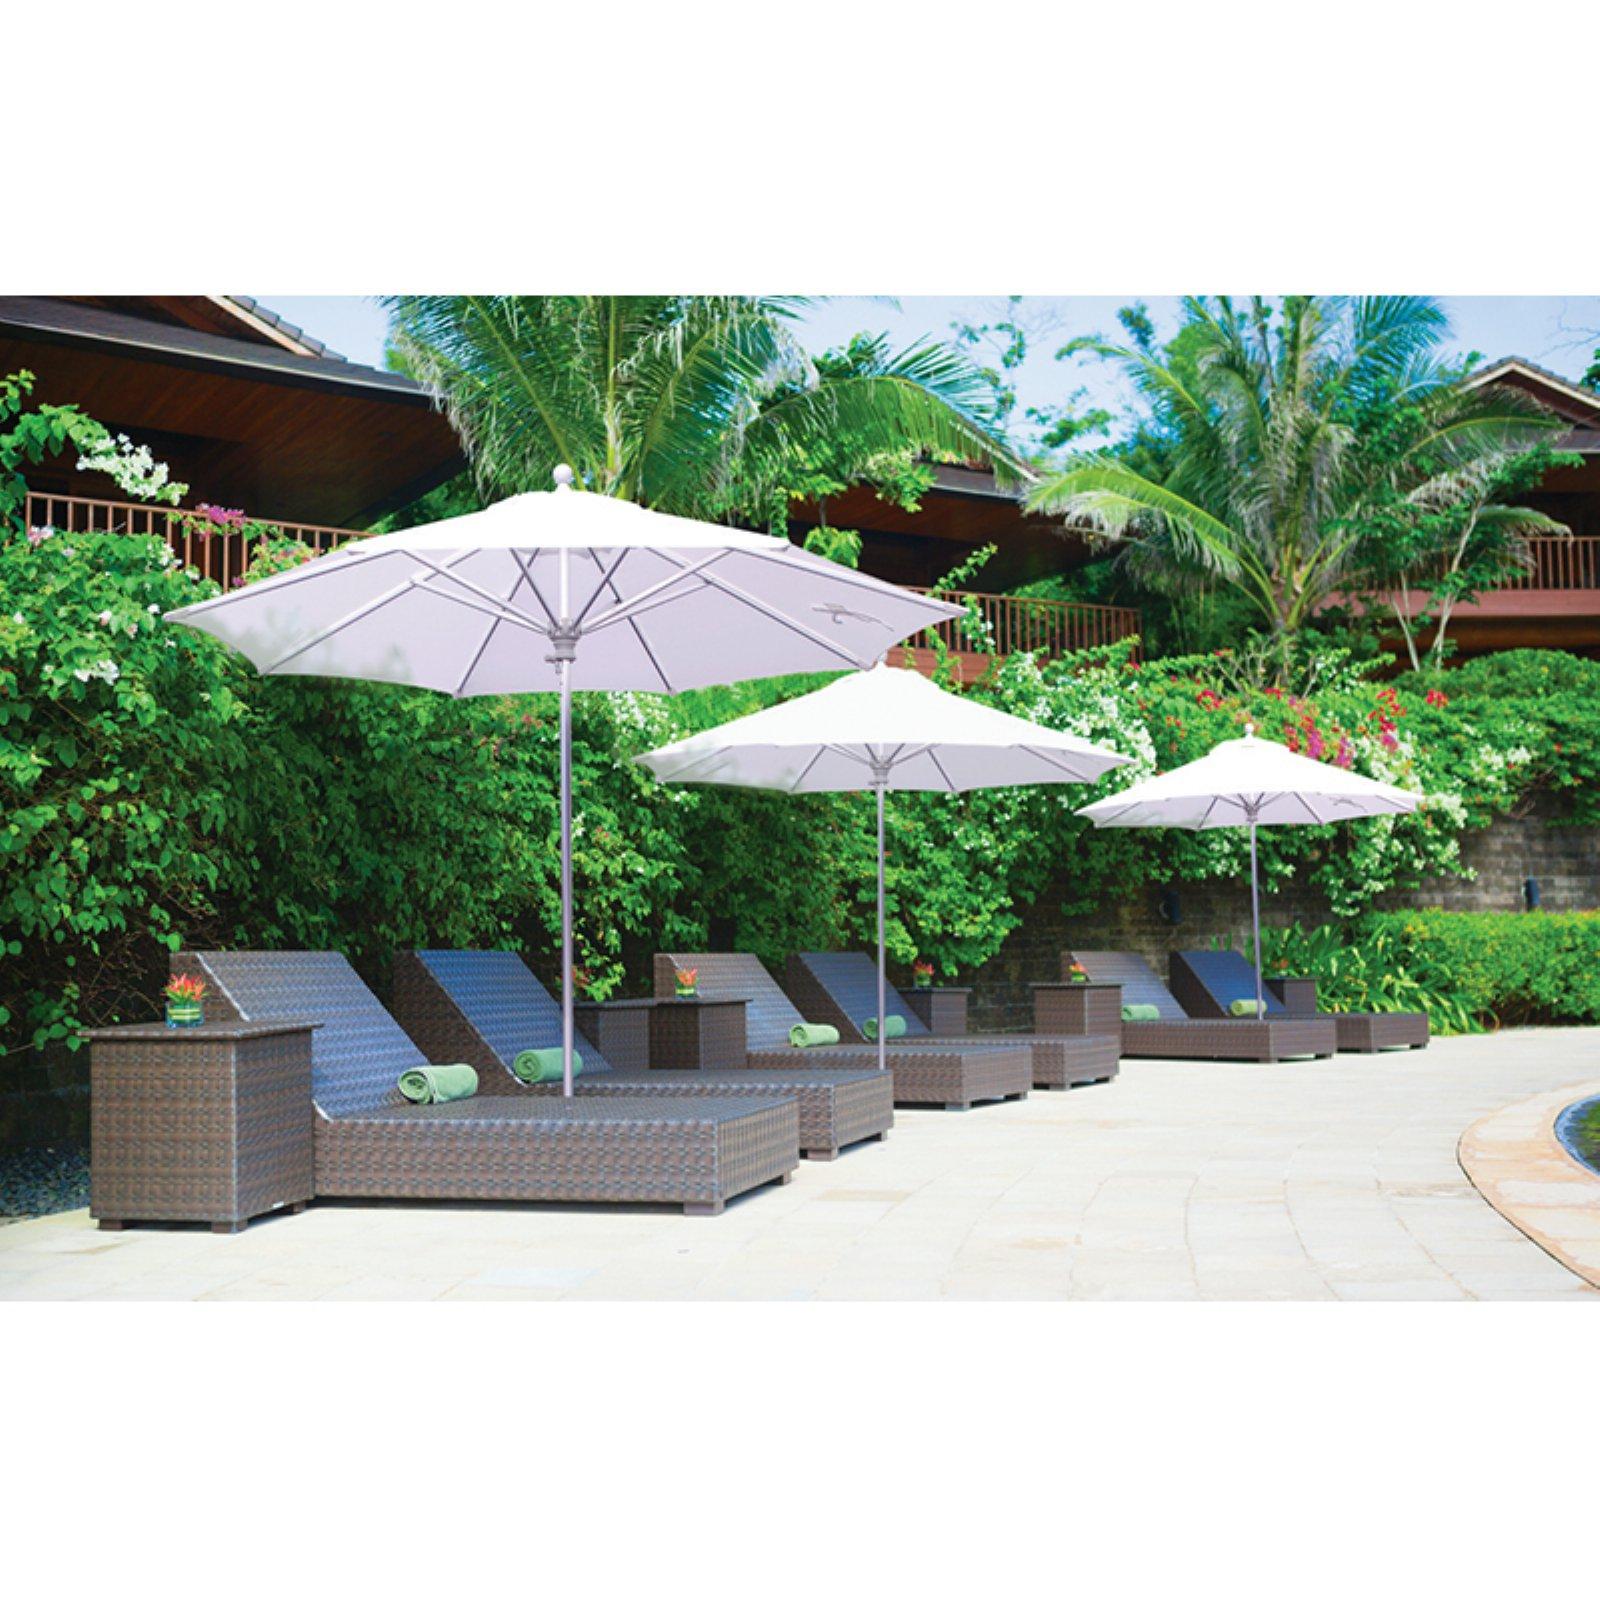 Galtech 9 Ft Commercial Deluxe Sunbrella Aluminum Market Umbrella Patio Umbrellas Market Umbrella Offset Patio Umbrella